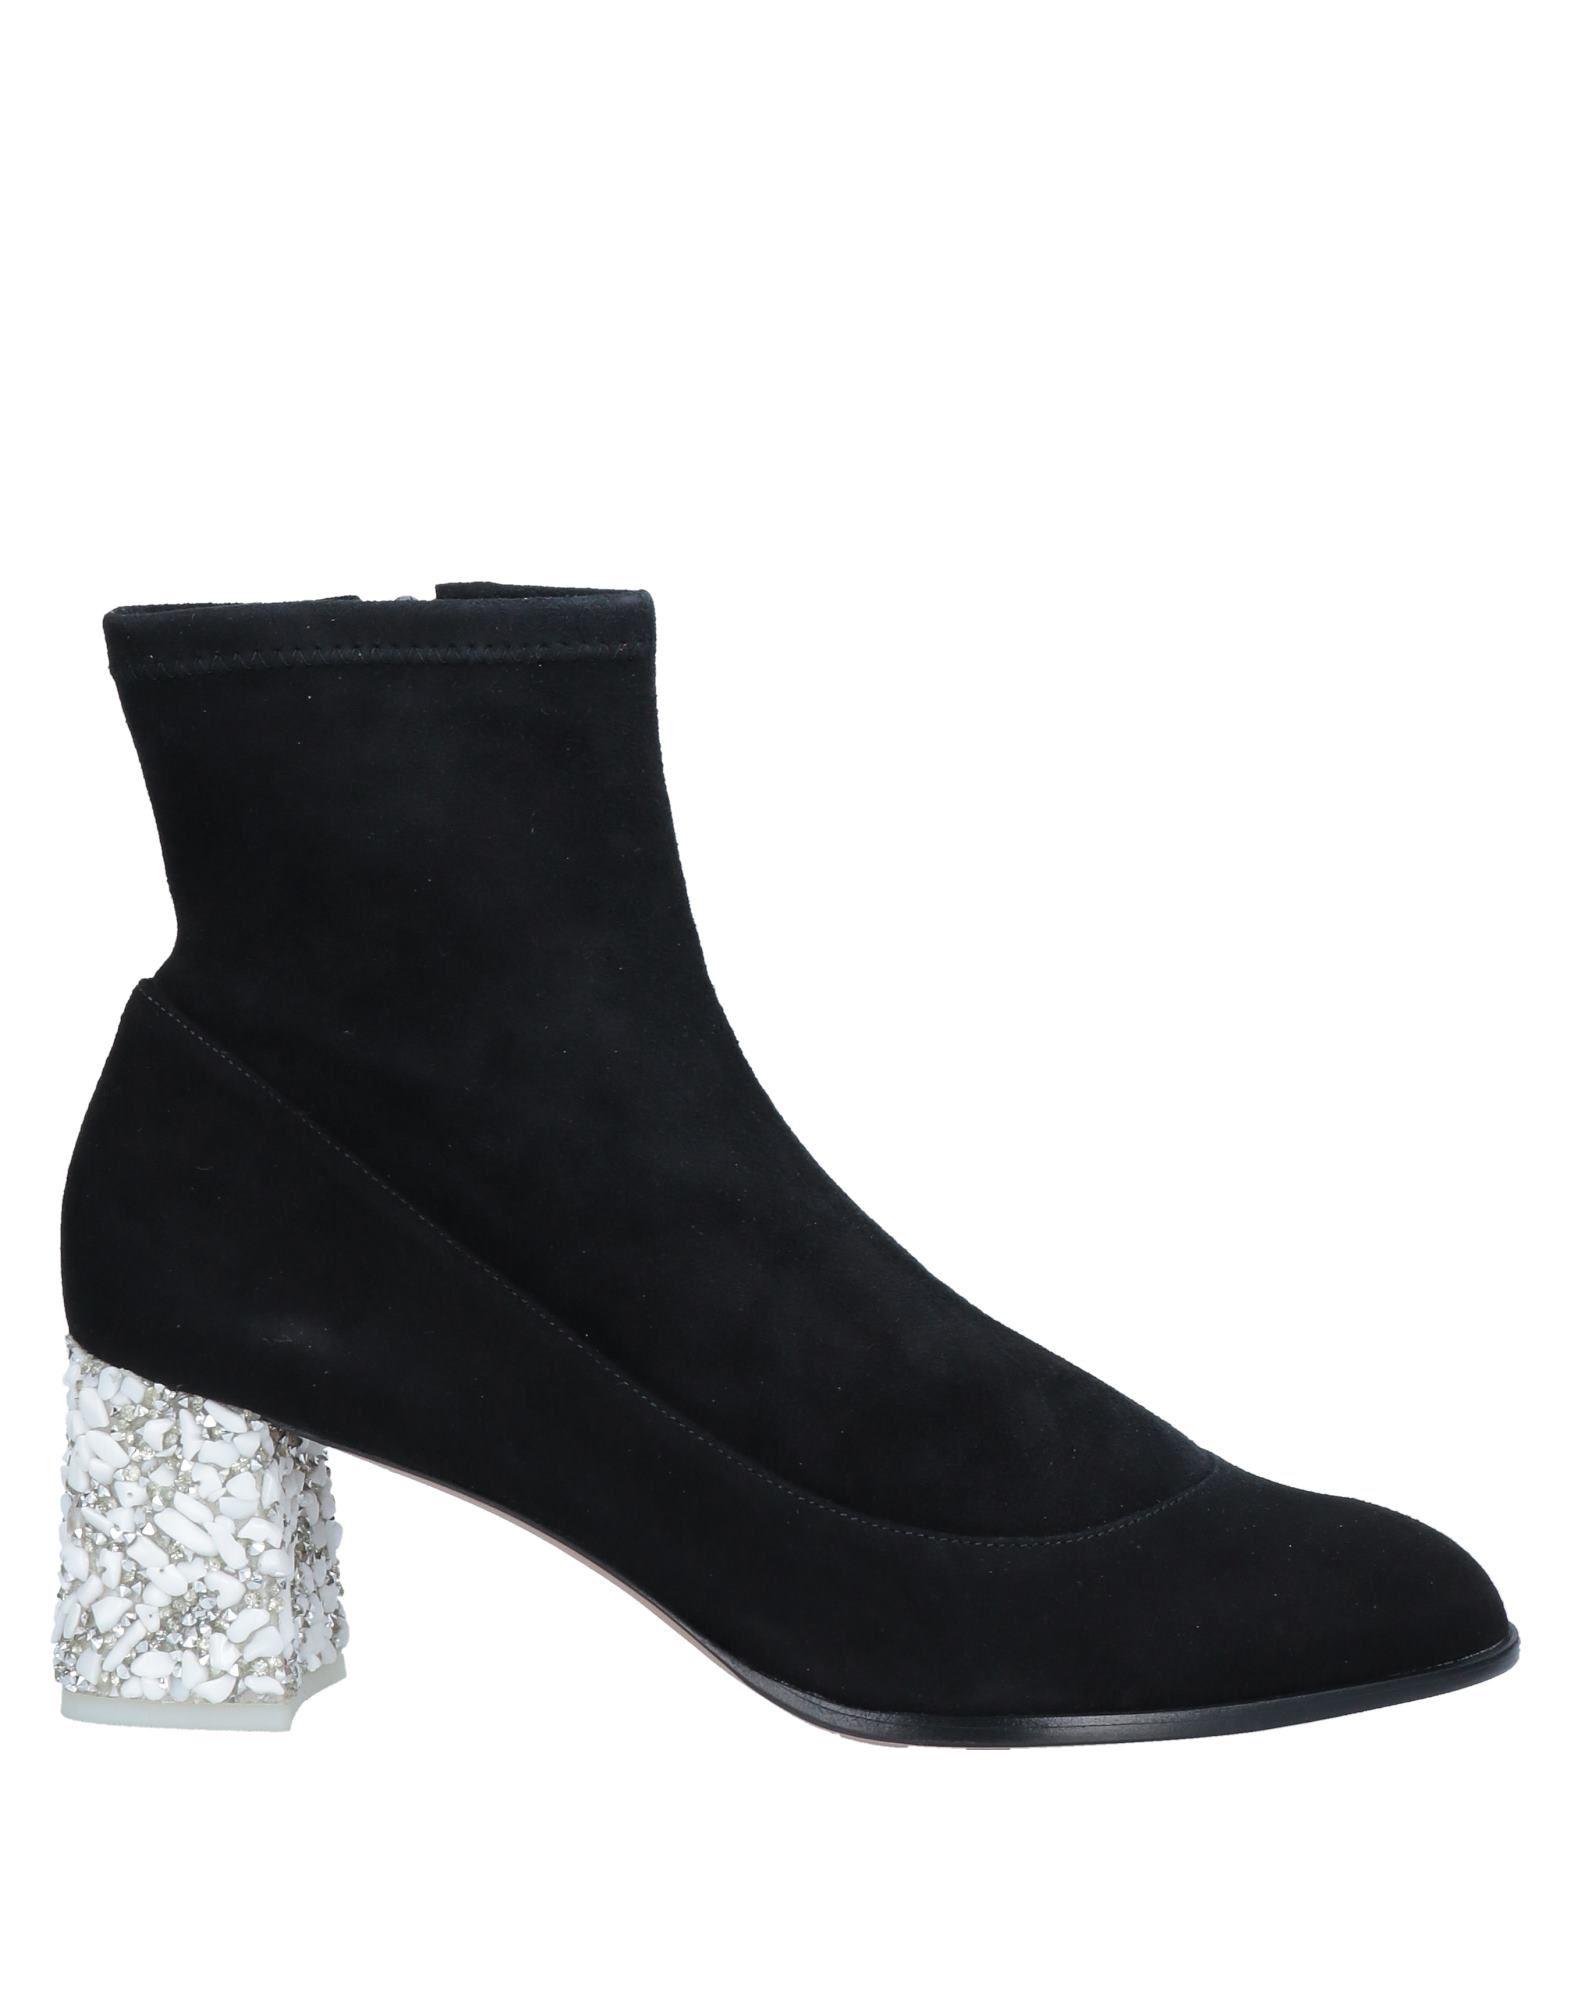 Sophia Webster Ankle Boots In Black